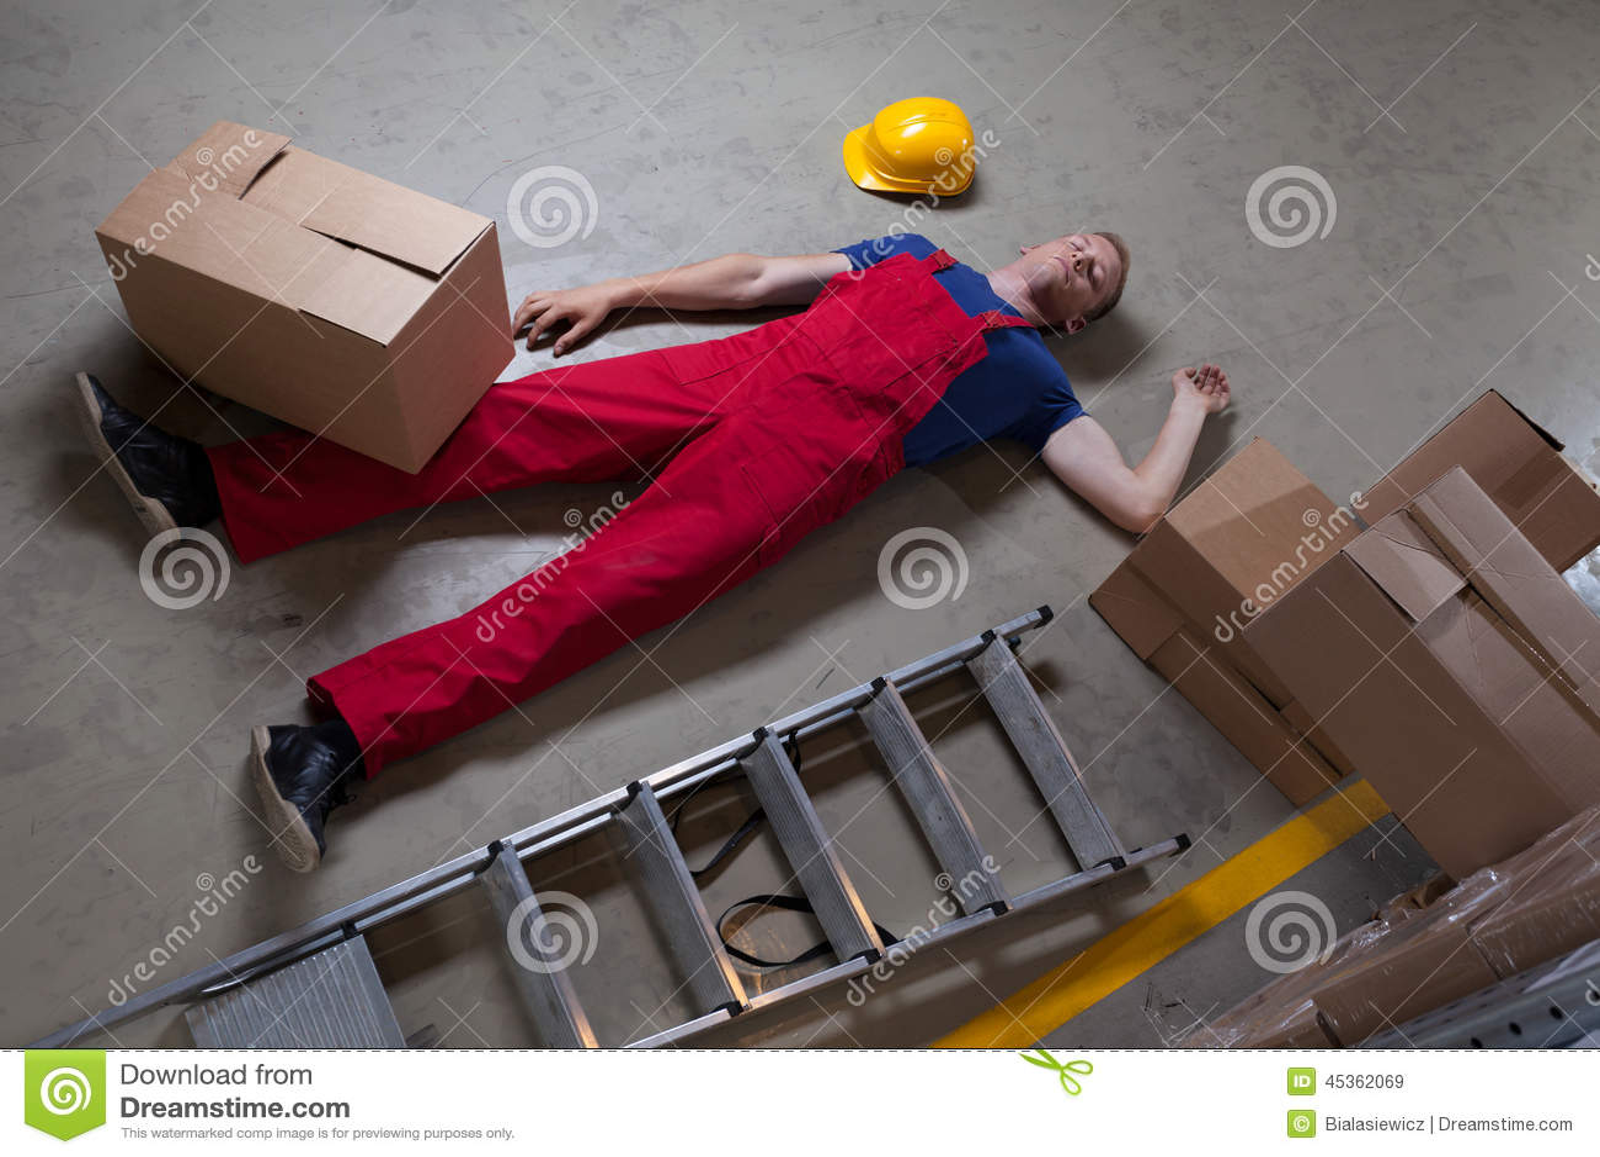 Homme après accident sur une échelle